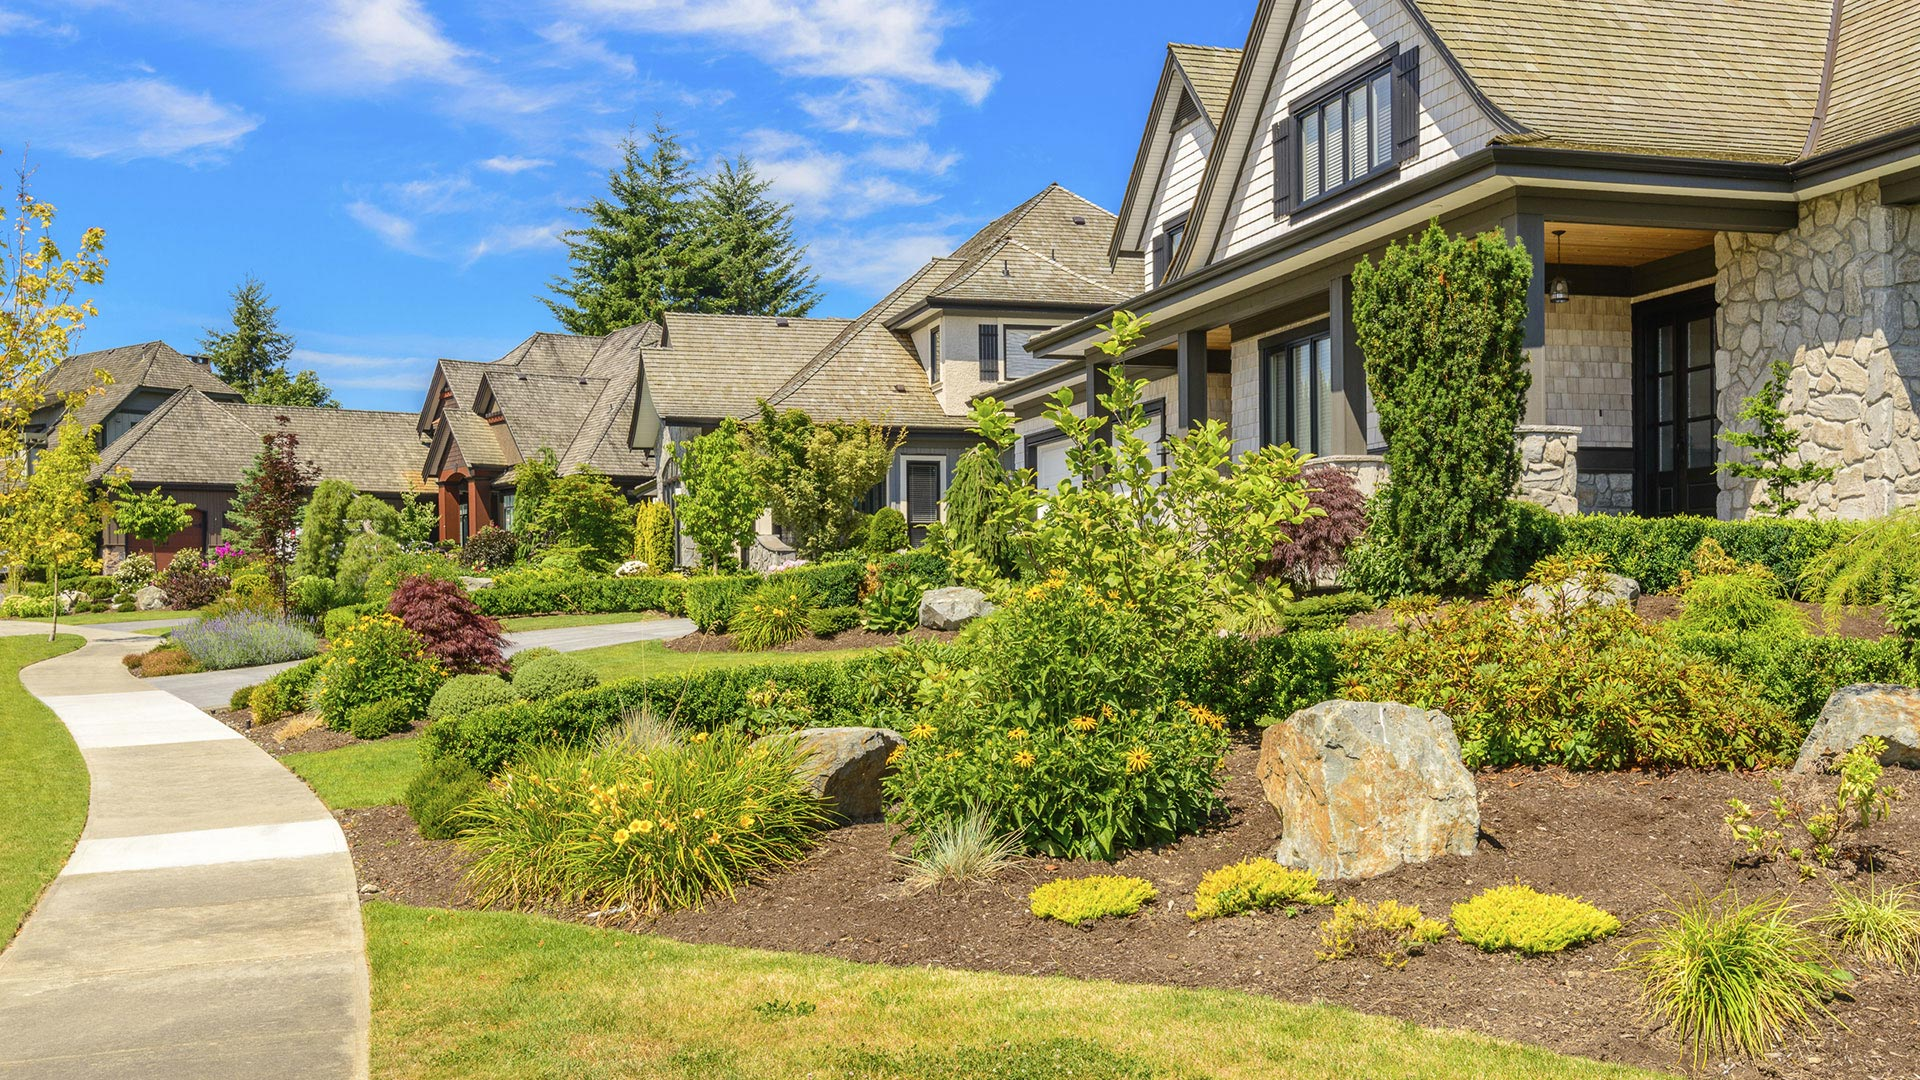 Sibrian Landscaping Commercial Property Maintenance, Commercial Landscaping and Commercial Garden Design slide 2